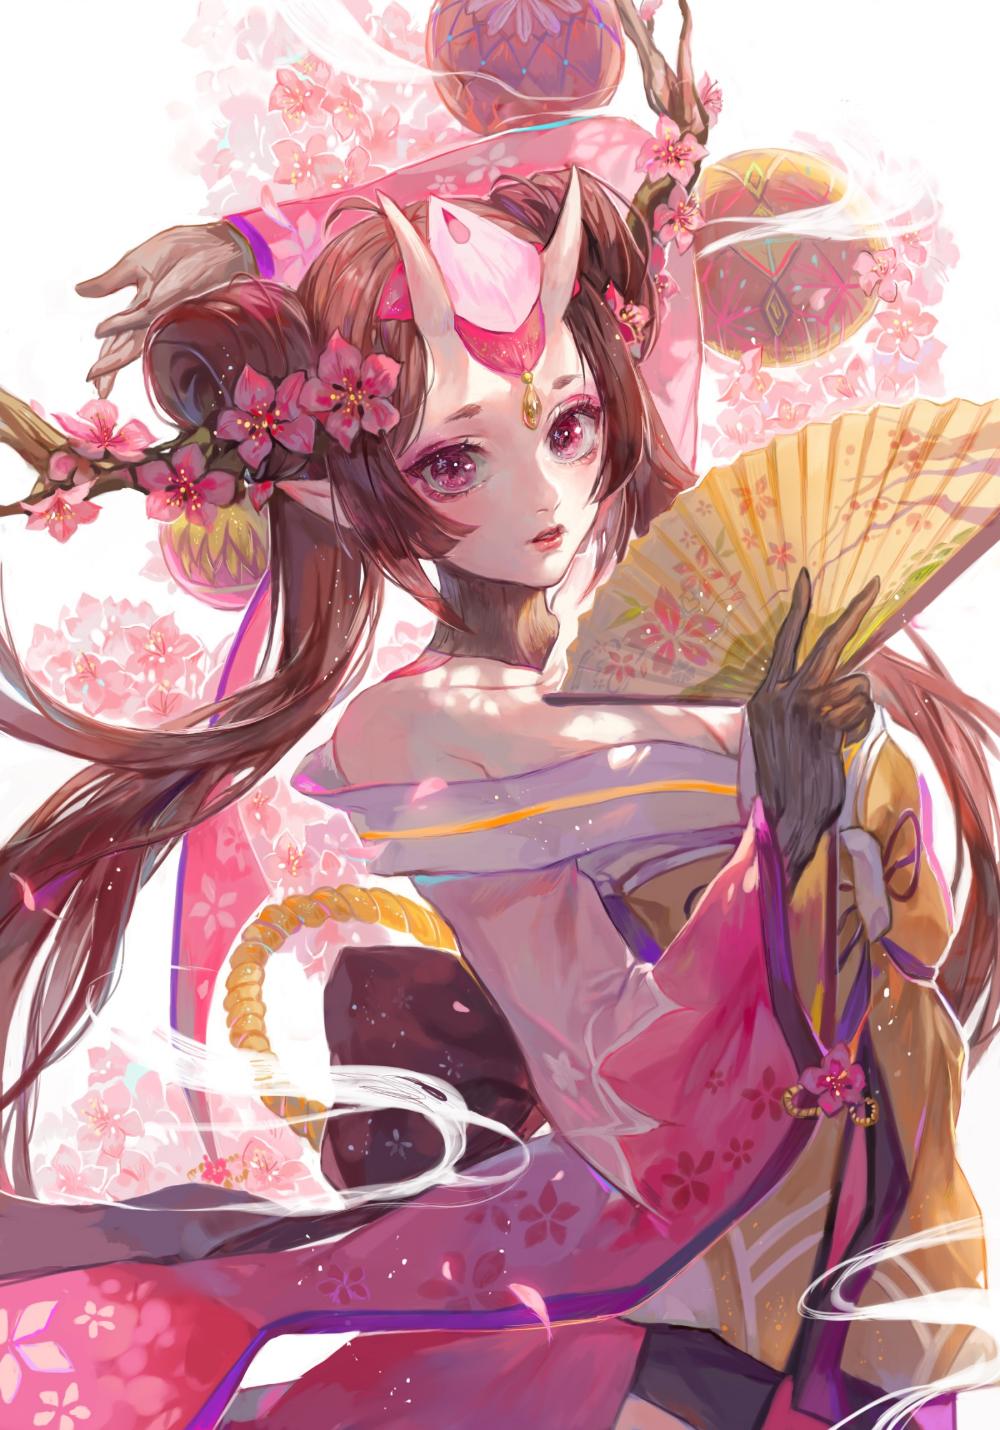 Wallpaper women, fantasy girl, demon girls, horns